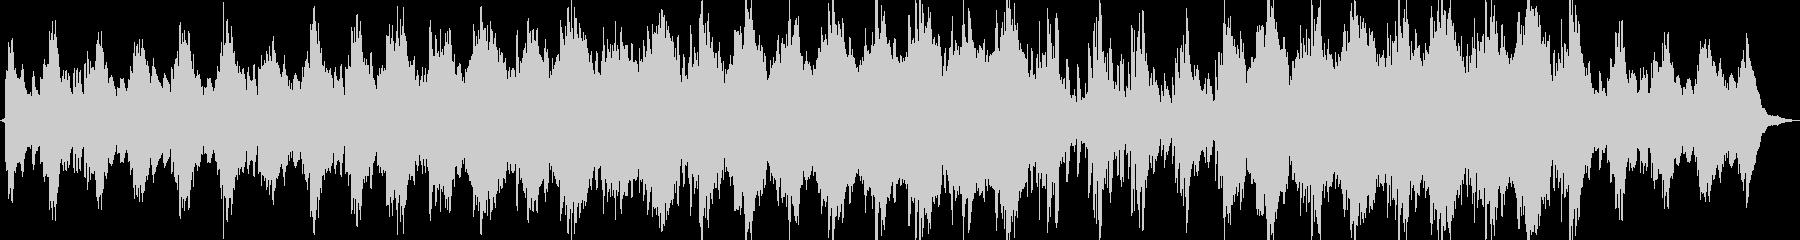 ロマンチックなピアノベースの音楽の未再生の波形